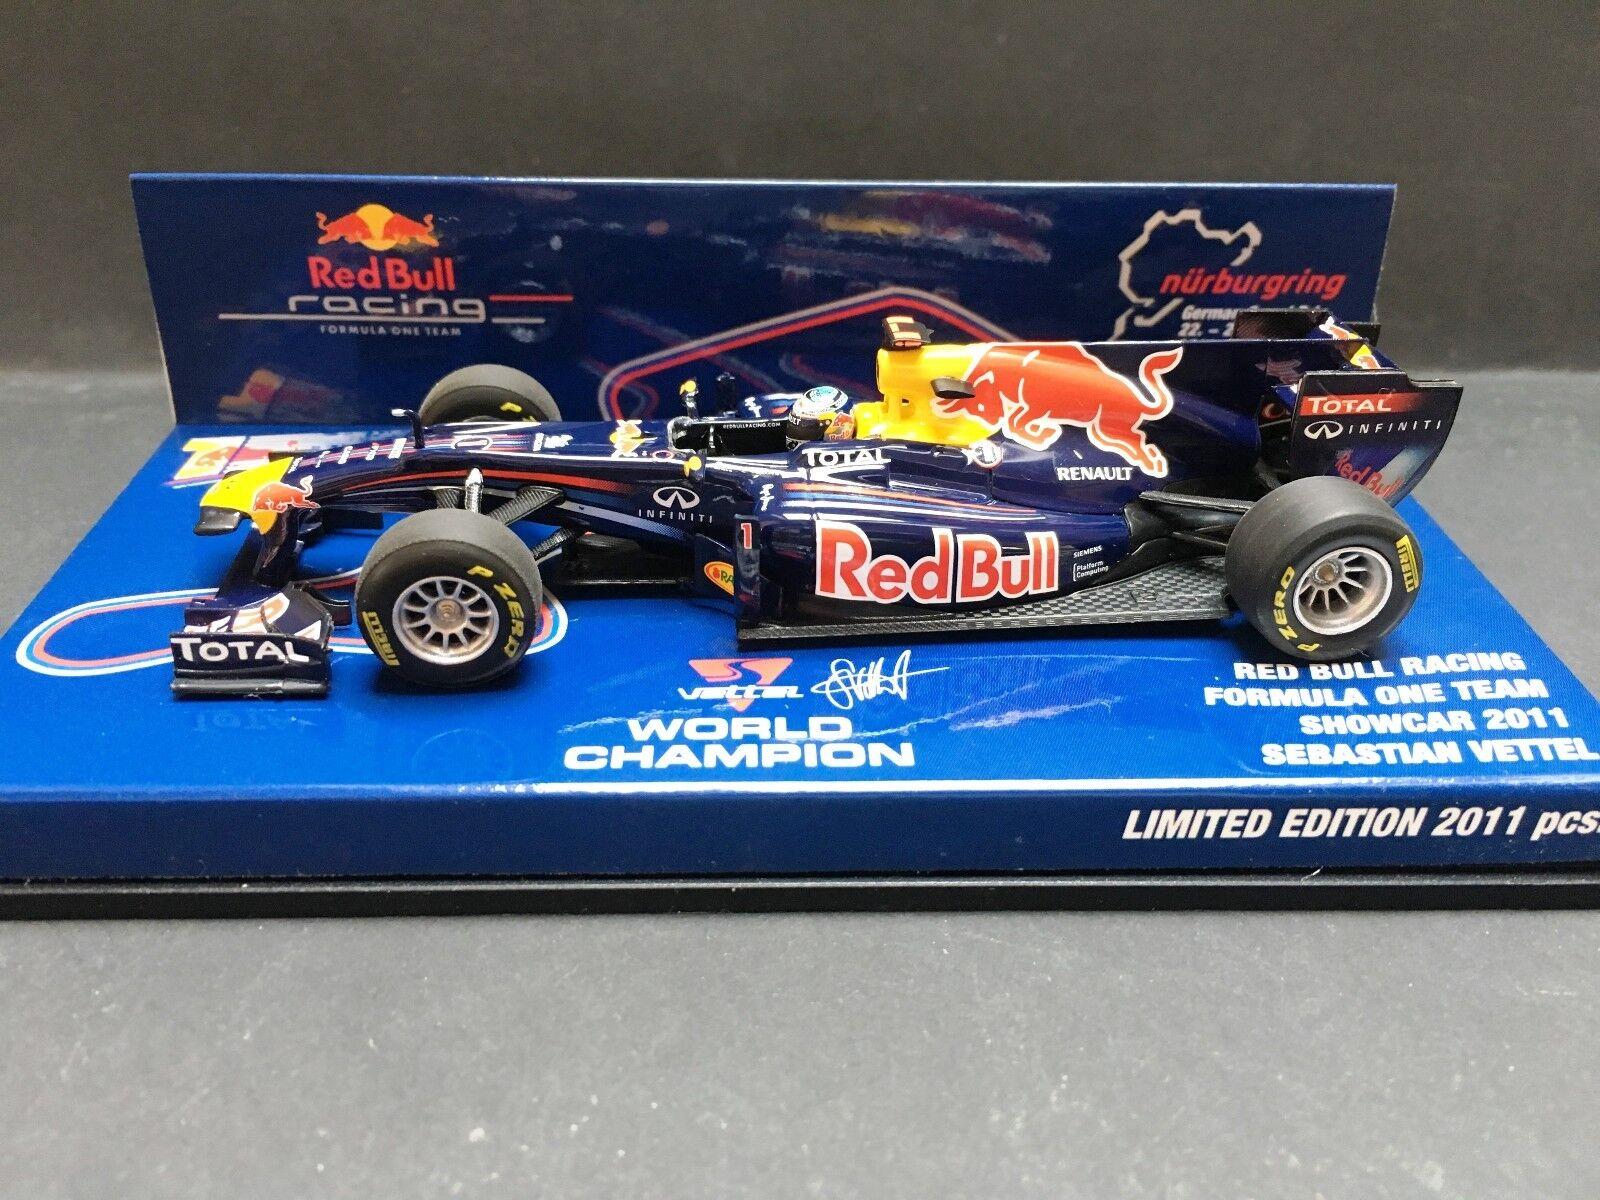 Minichamps - Sebastian Vettel - rosso Bull - RB7 - 2011 -1 43 - Nürburgring Promo